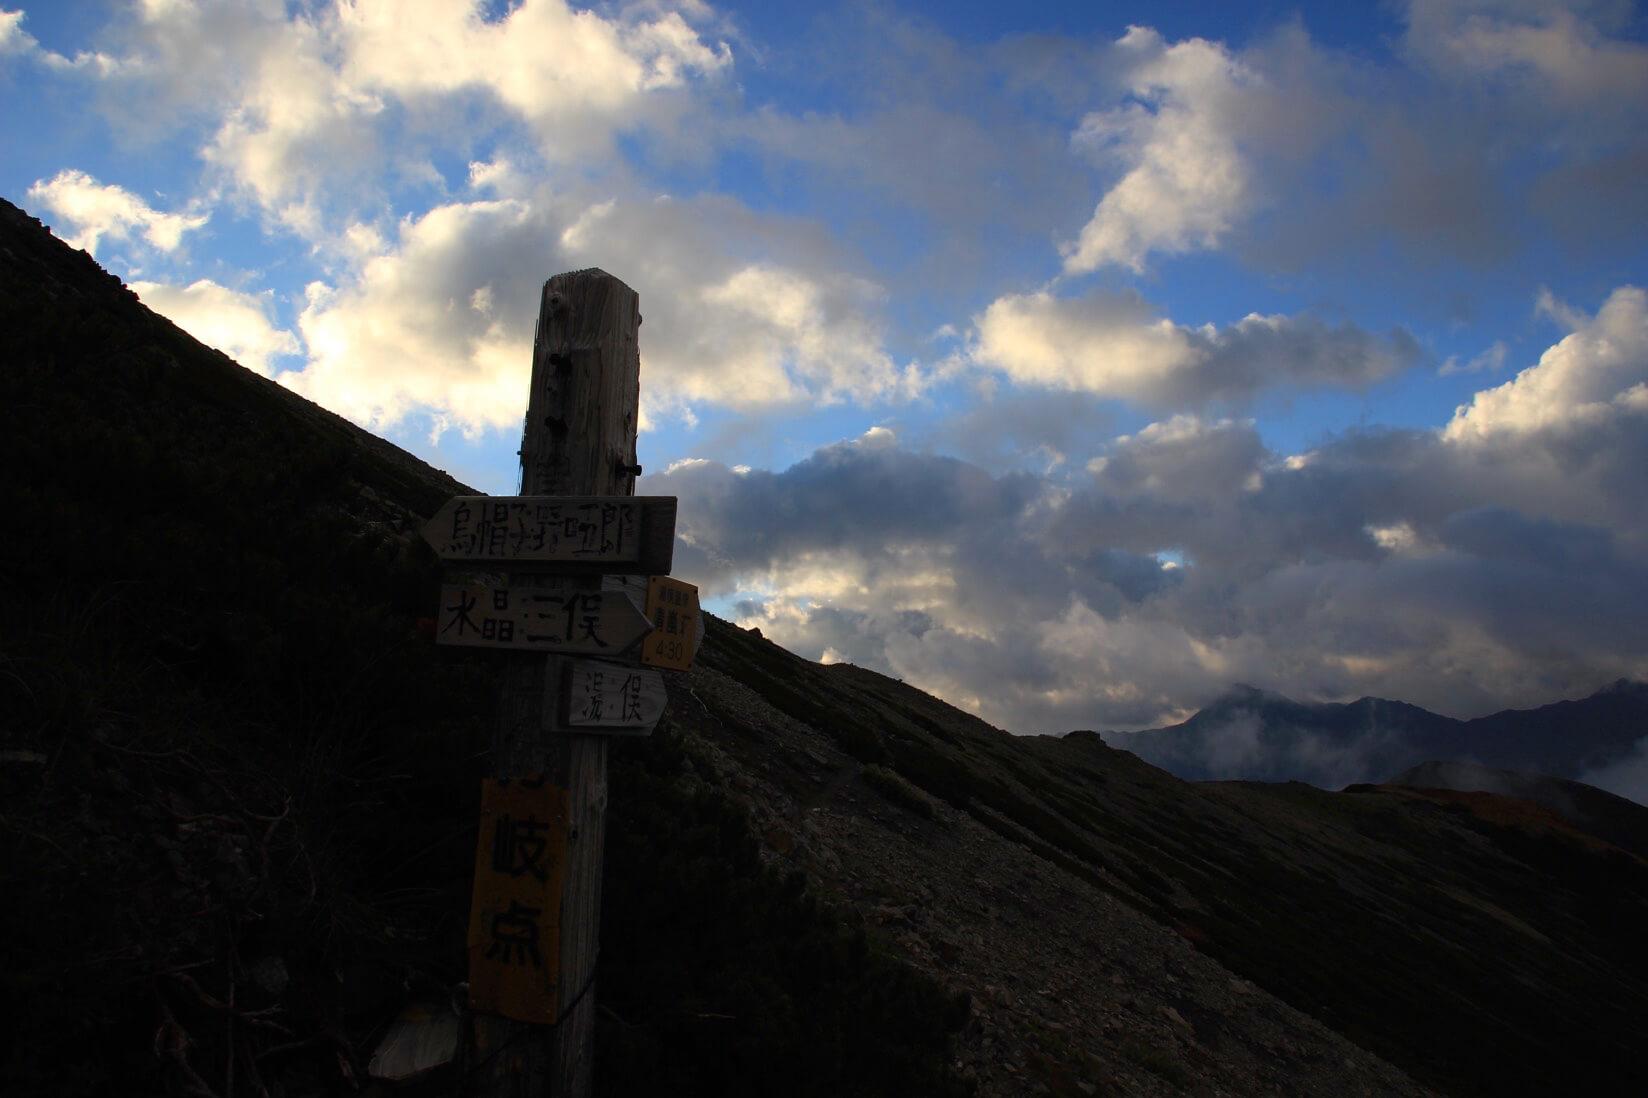 裏銀座縦走路と竹村新道の真砂分岐